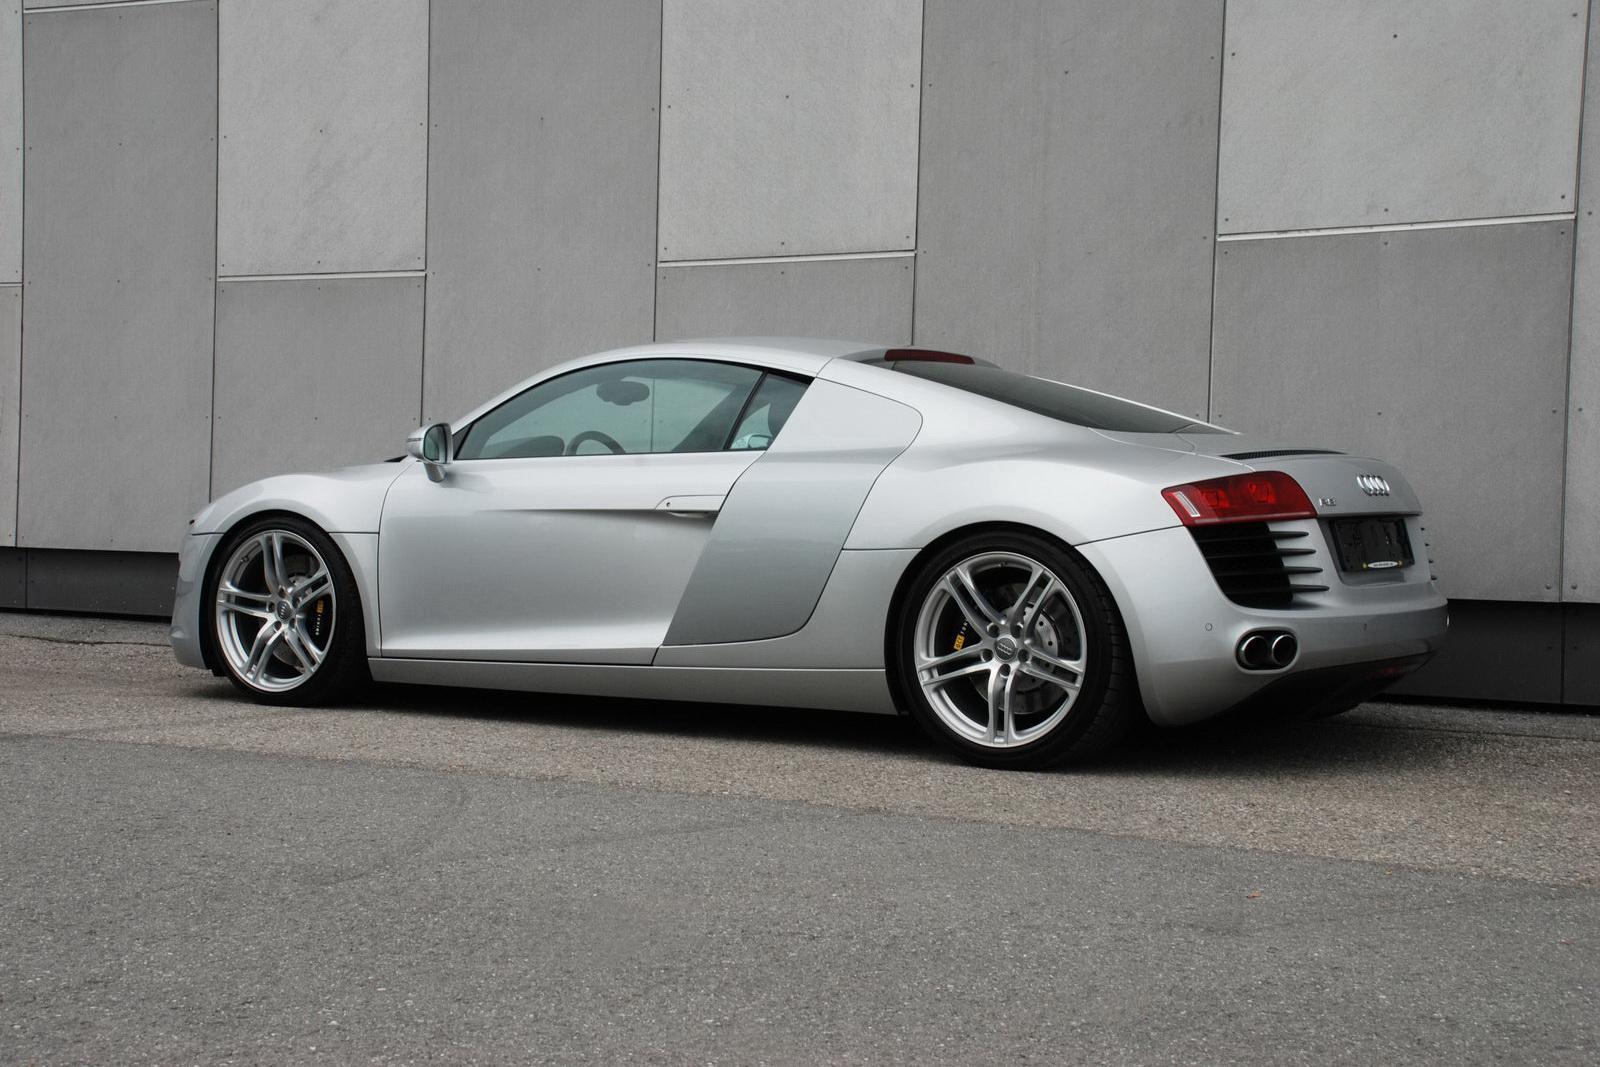 Audi R8 od O.CT. Tuning 7